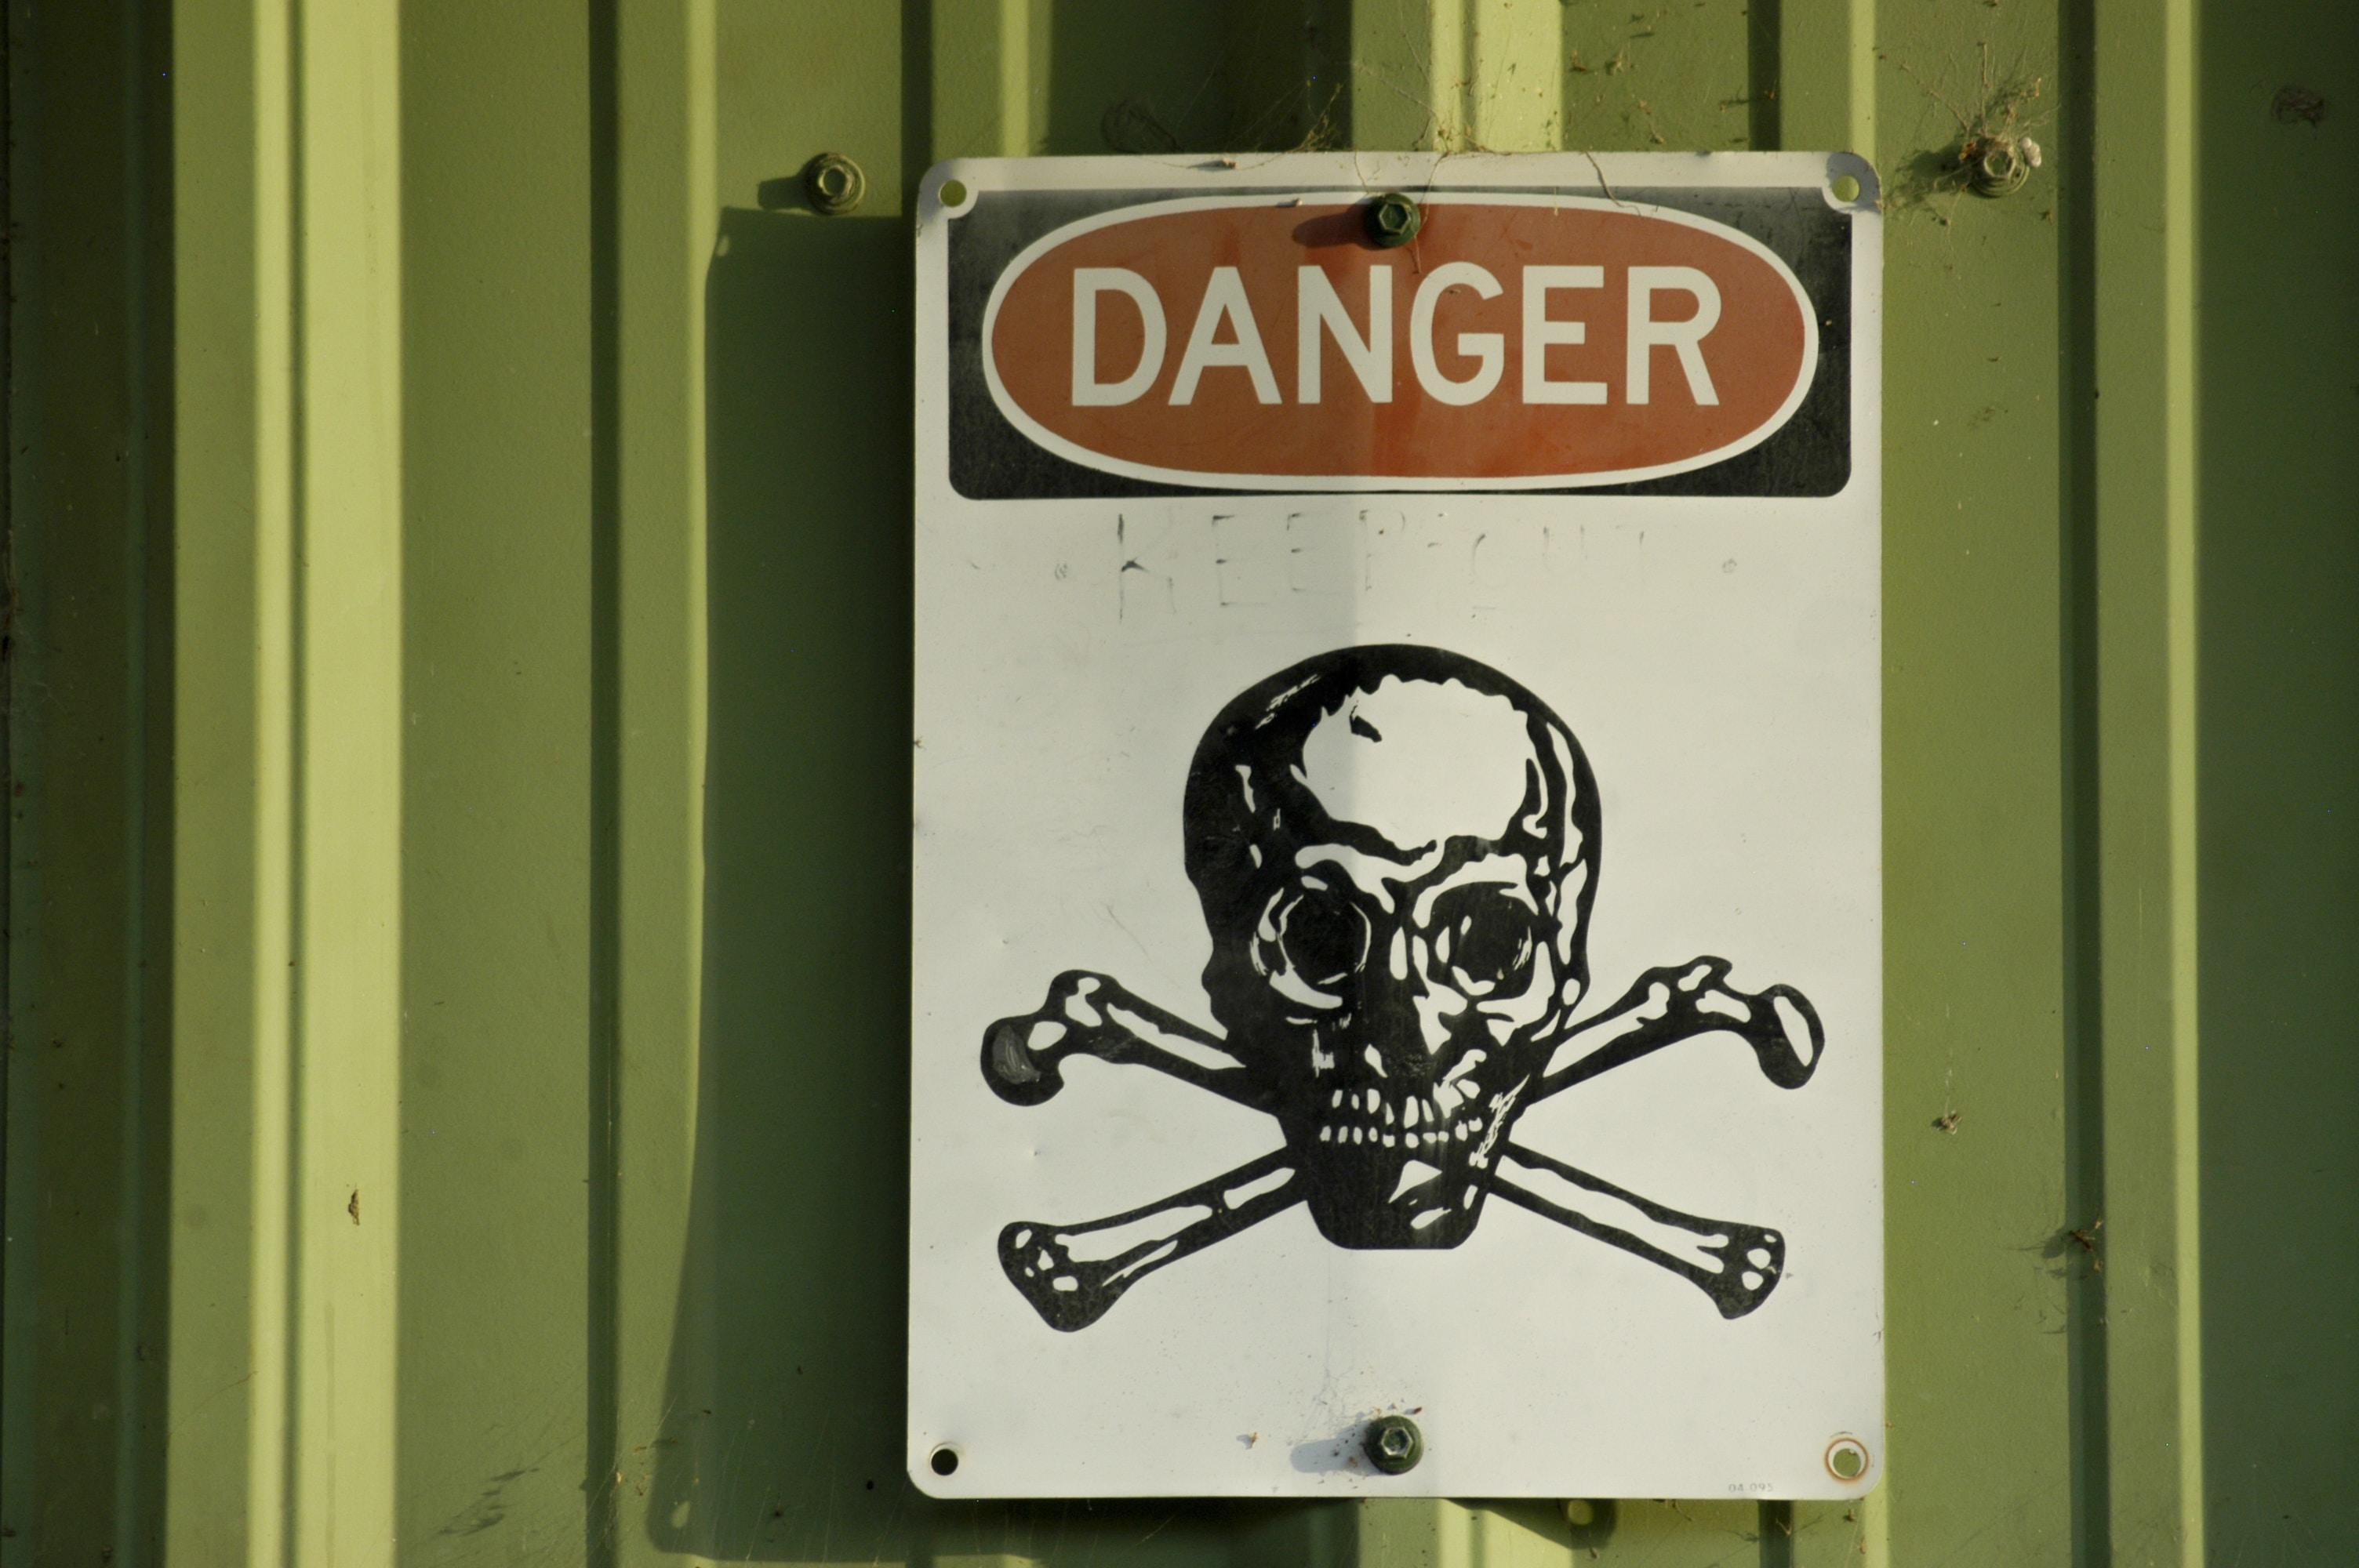 Poison #dailypoison poison stories